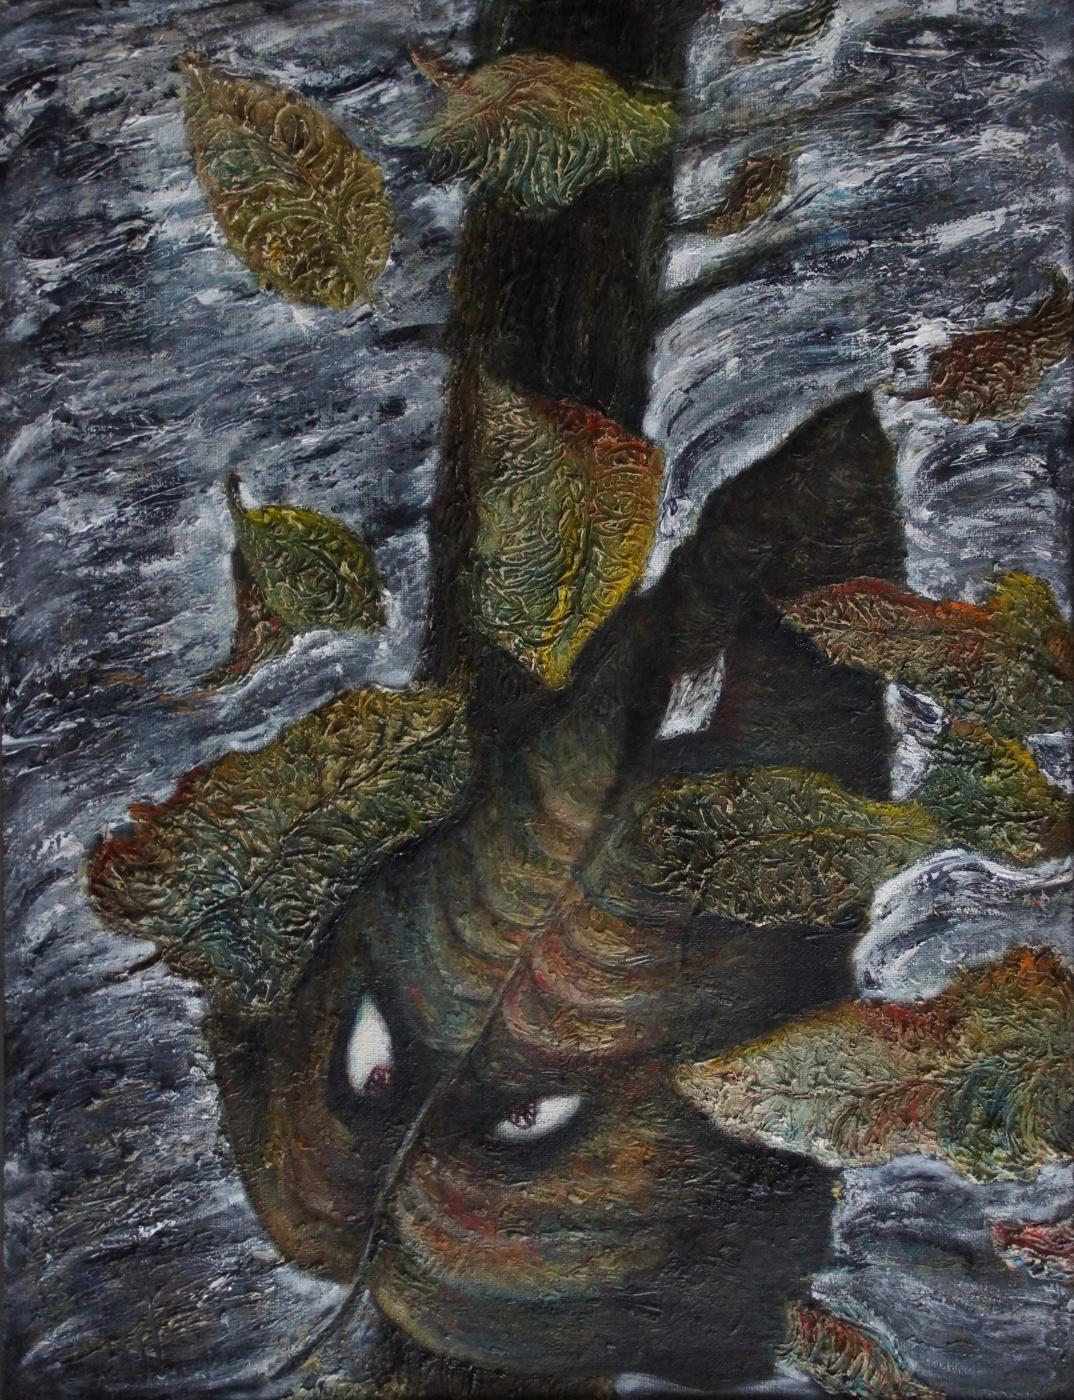 Sergey Viktorovich Solomatin. I am an autumn leaf. In memory of V. Siddur